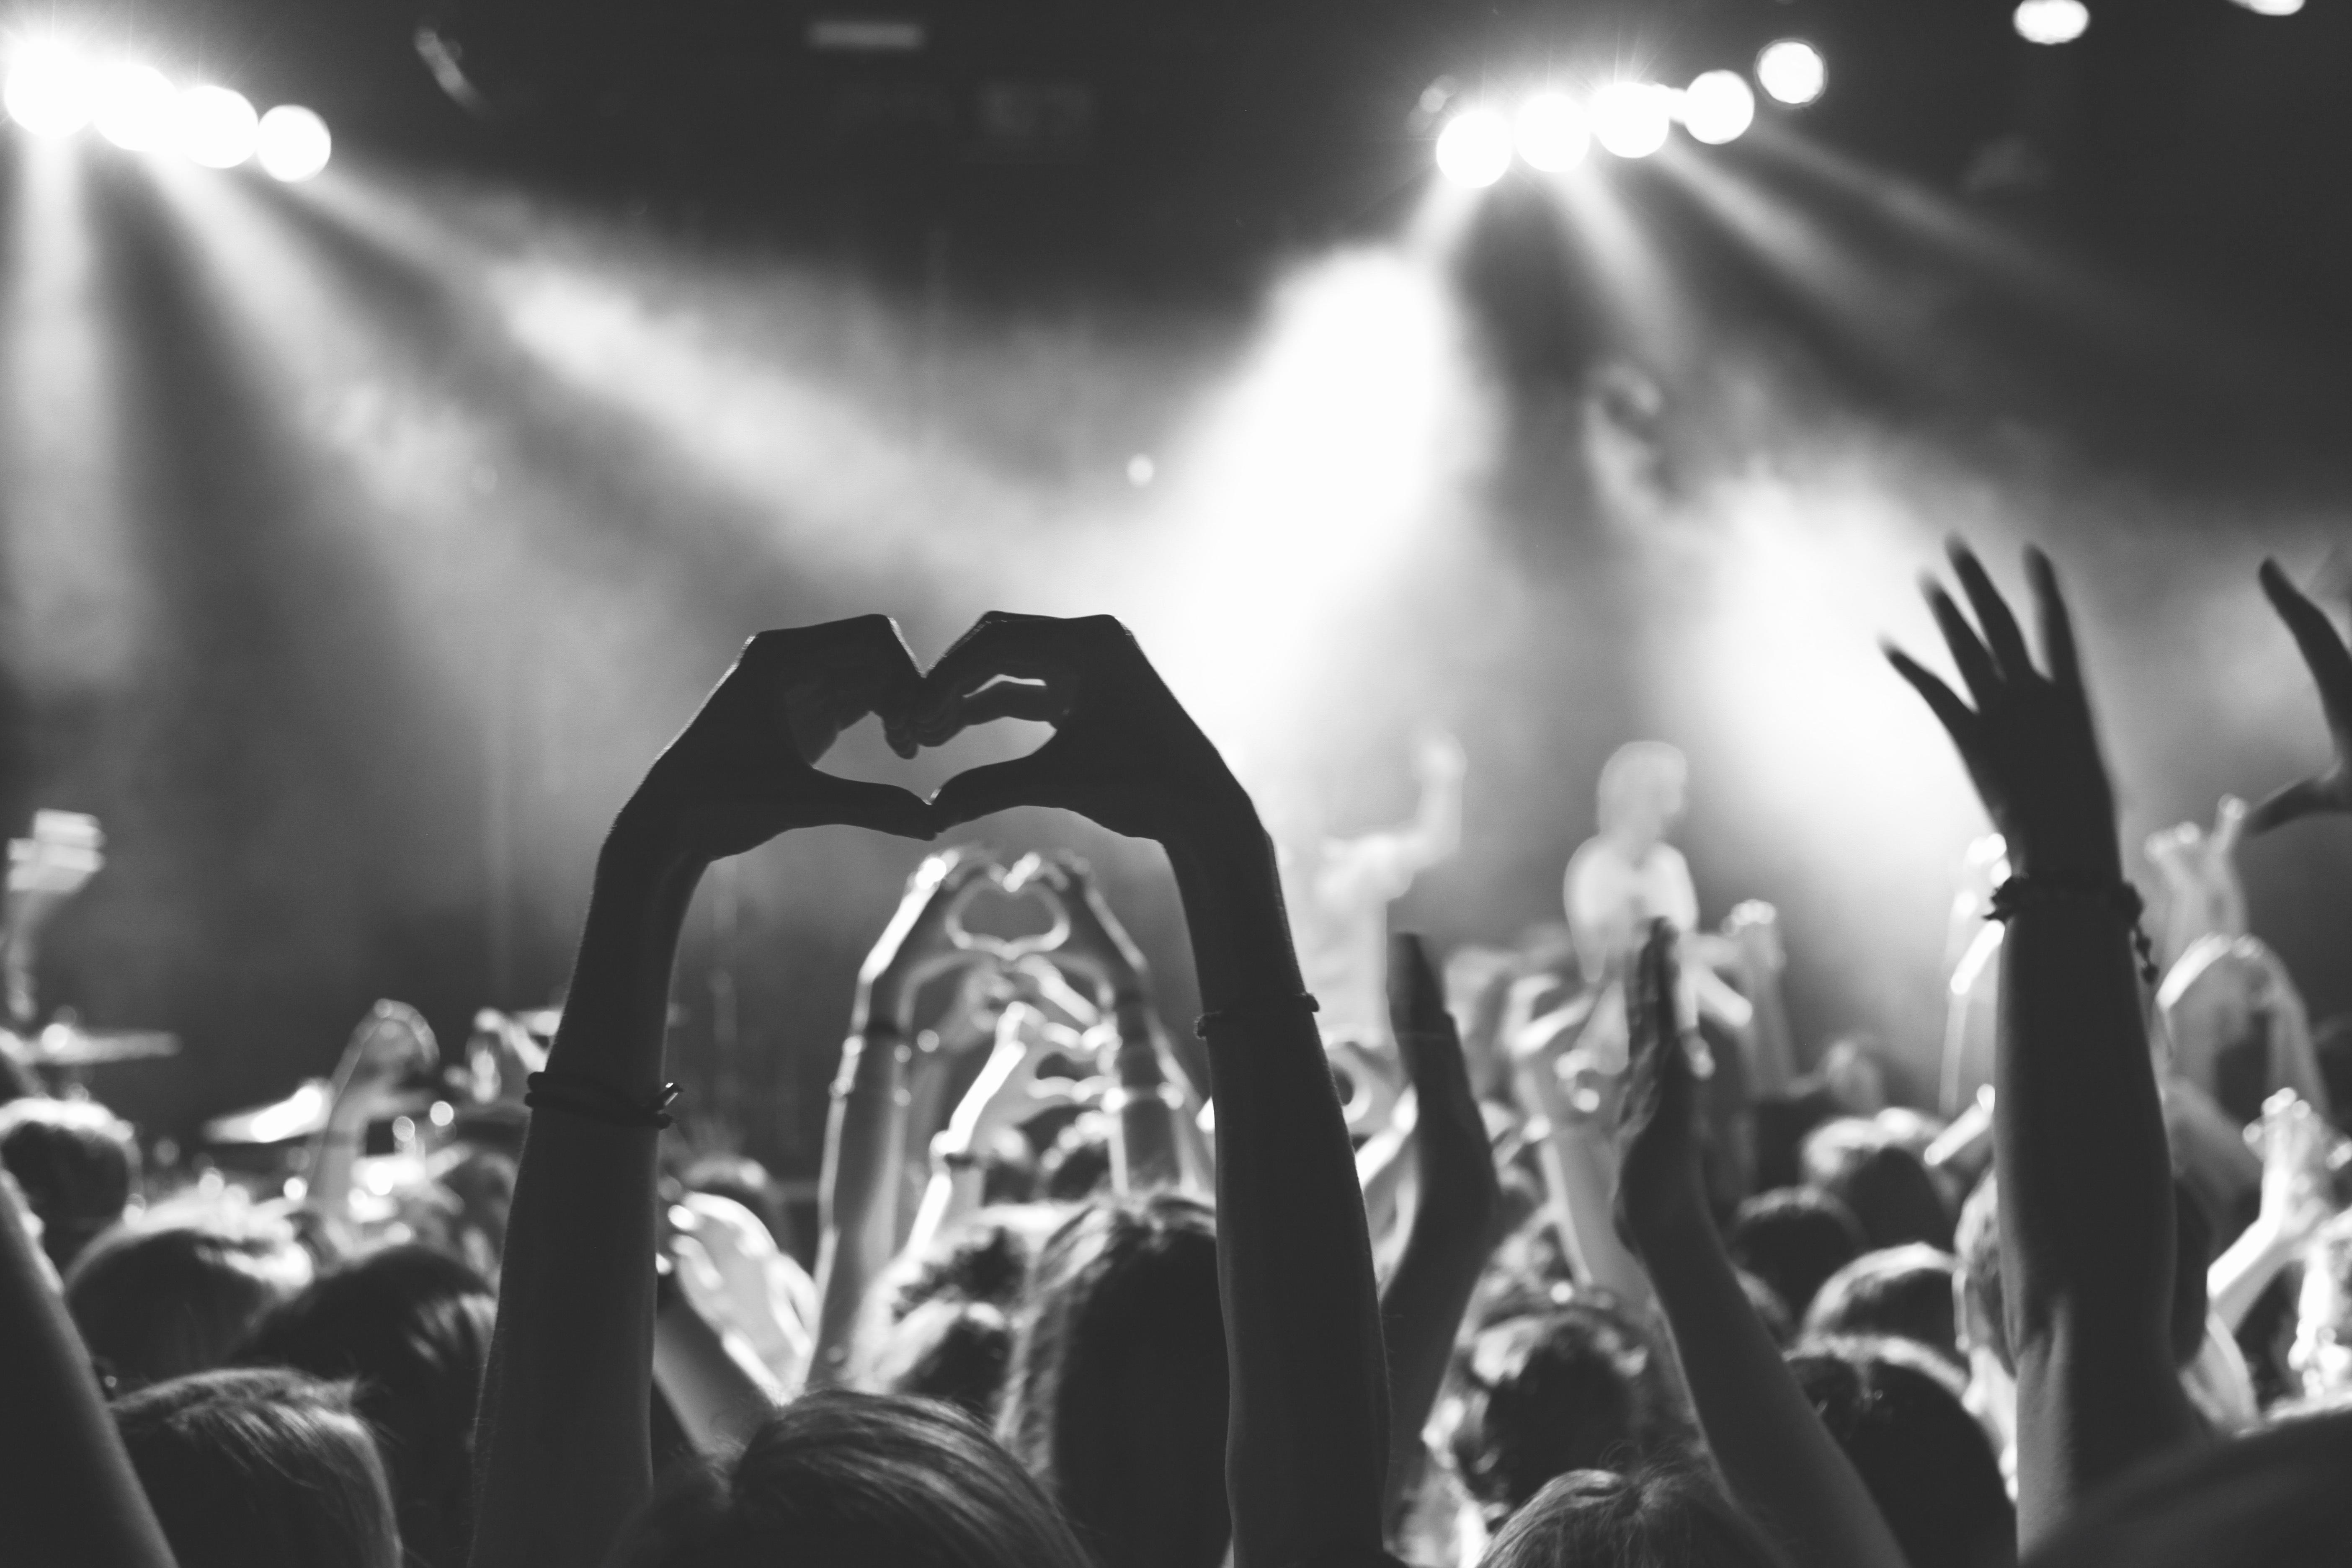 Convocatoria abierta / Open Call – Canciones para recordar. 30 aniversario de la Sala Siroco